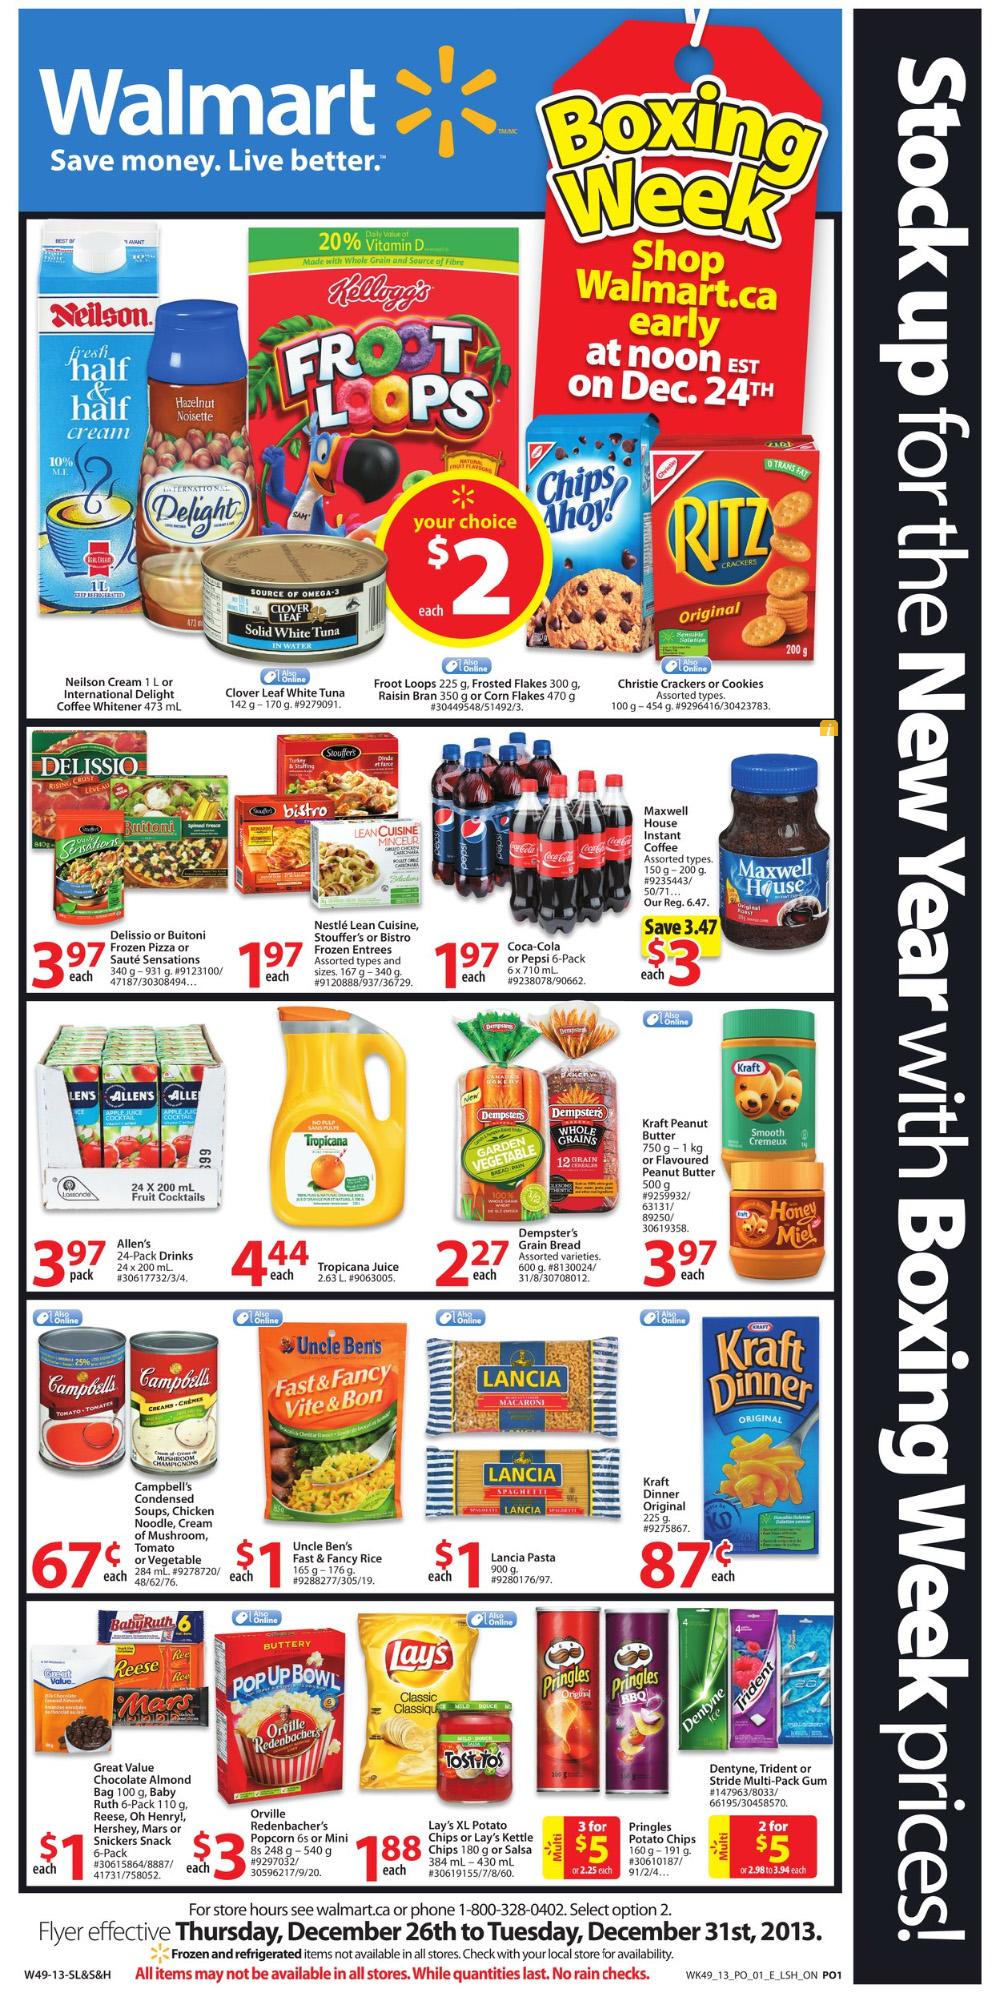 Walmart grocery boxing week 2013 sale flyer